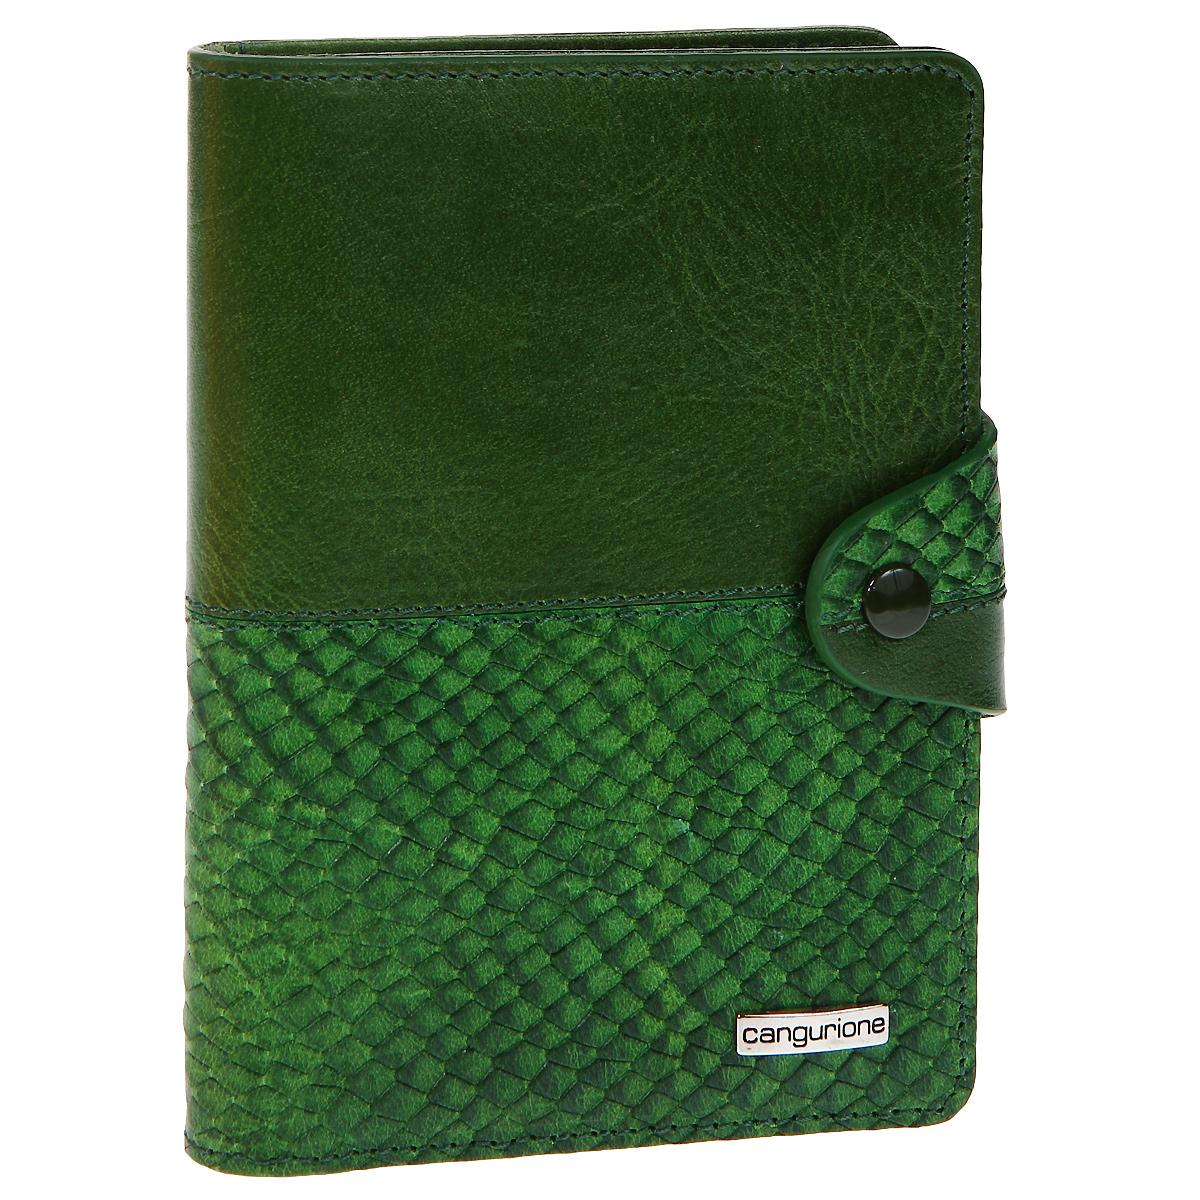 Обложка для автодокументов Cangurione, цвет: зеленый. 3341-009 DP-ANC3341-009 DP-ANC/GreenОбложка для автодокументов Cangurione выполнена из натуральной кожи зеленого цвета с декоративным тиснением под крокодила. На внутреннем развороте - 4 кармашка для пластиковых и кредитных карт, потайное отделение, окошко для фотографии и два кармашка для документов. Обложка закрывается при помощи хлястика на кнопку. Обложка не только поможет сохранить внешний вид ваших документов и защитит их от повреждений, но и станет стильным аксессуаром, который подчеркнет ваш неповторимый стиль. Обложка упакована в коробку из плотного картона с логотипом фирмы.